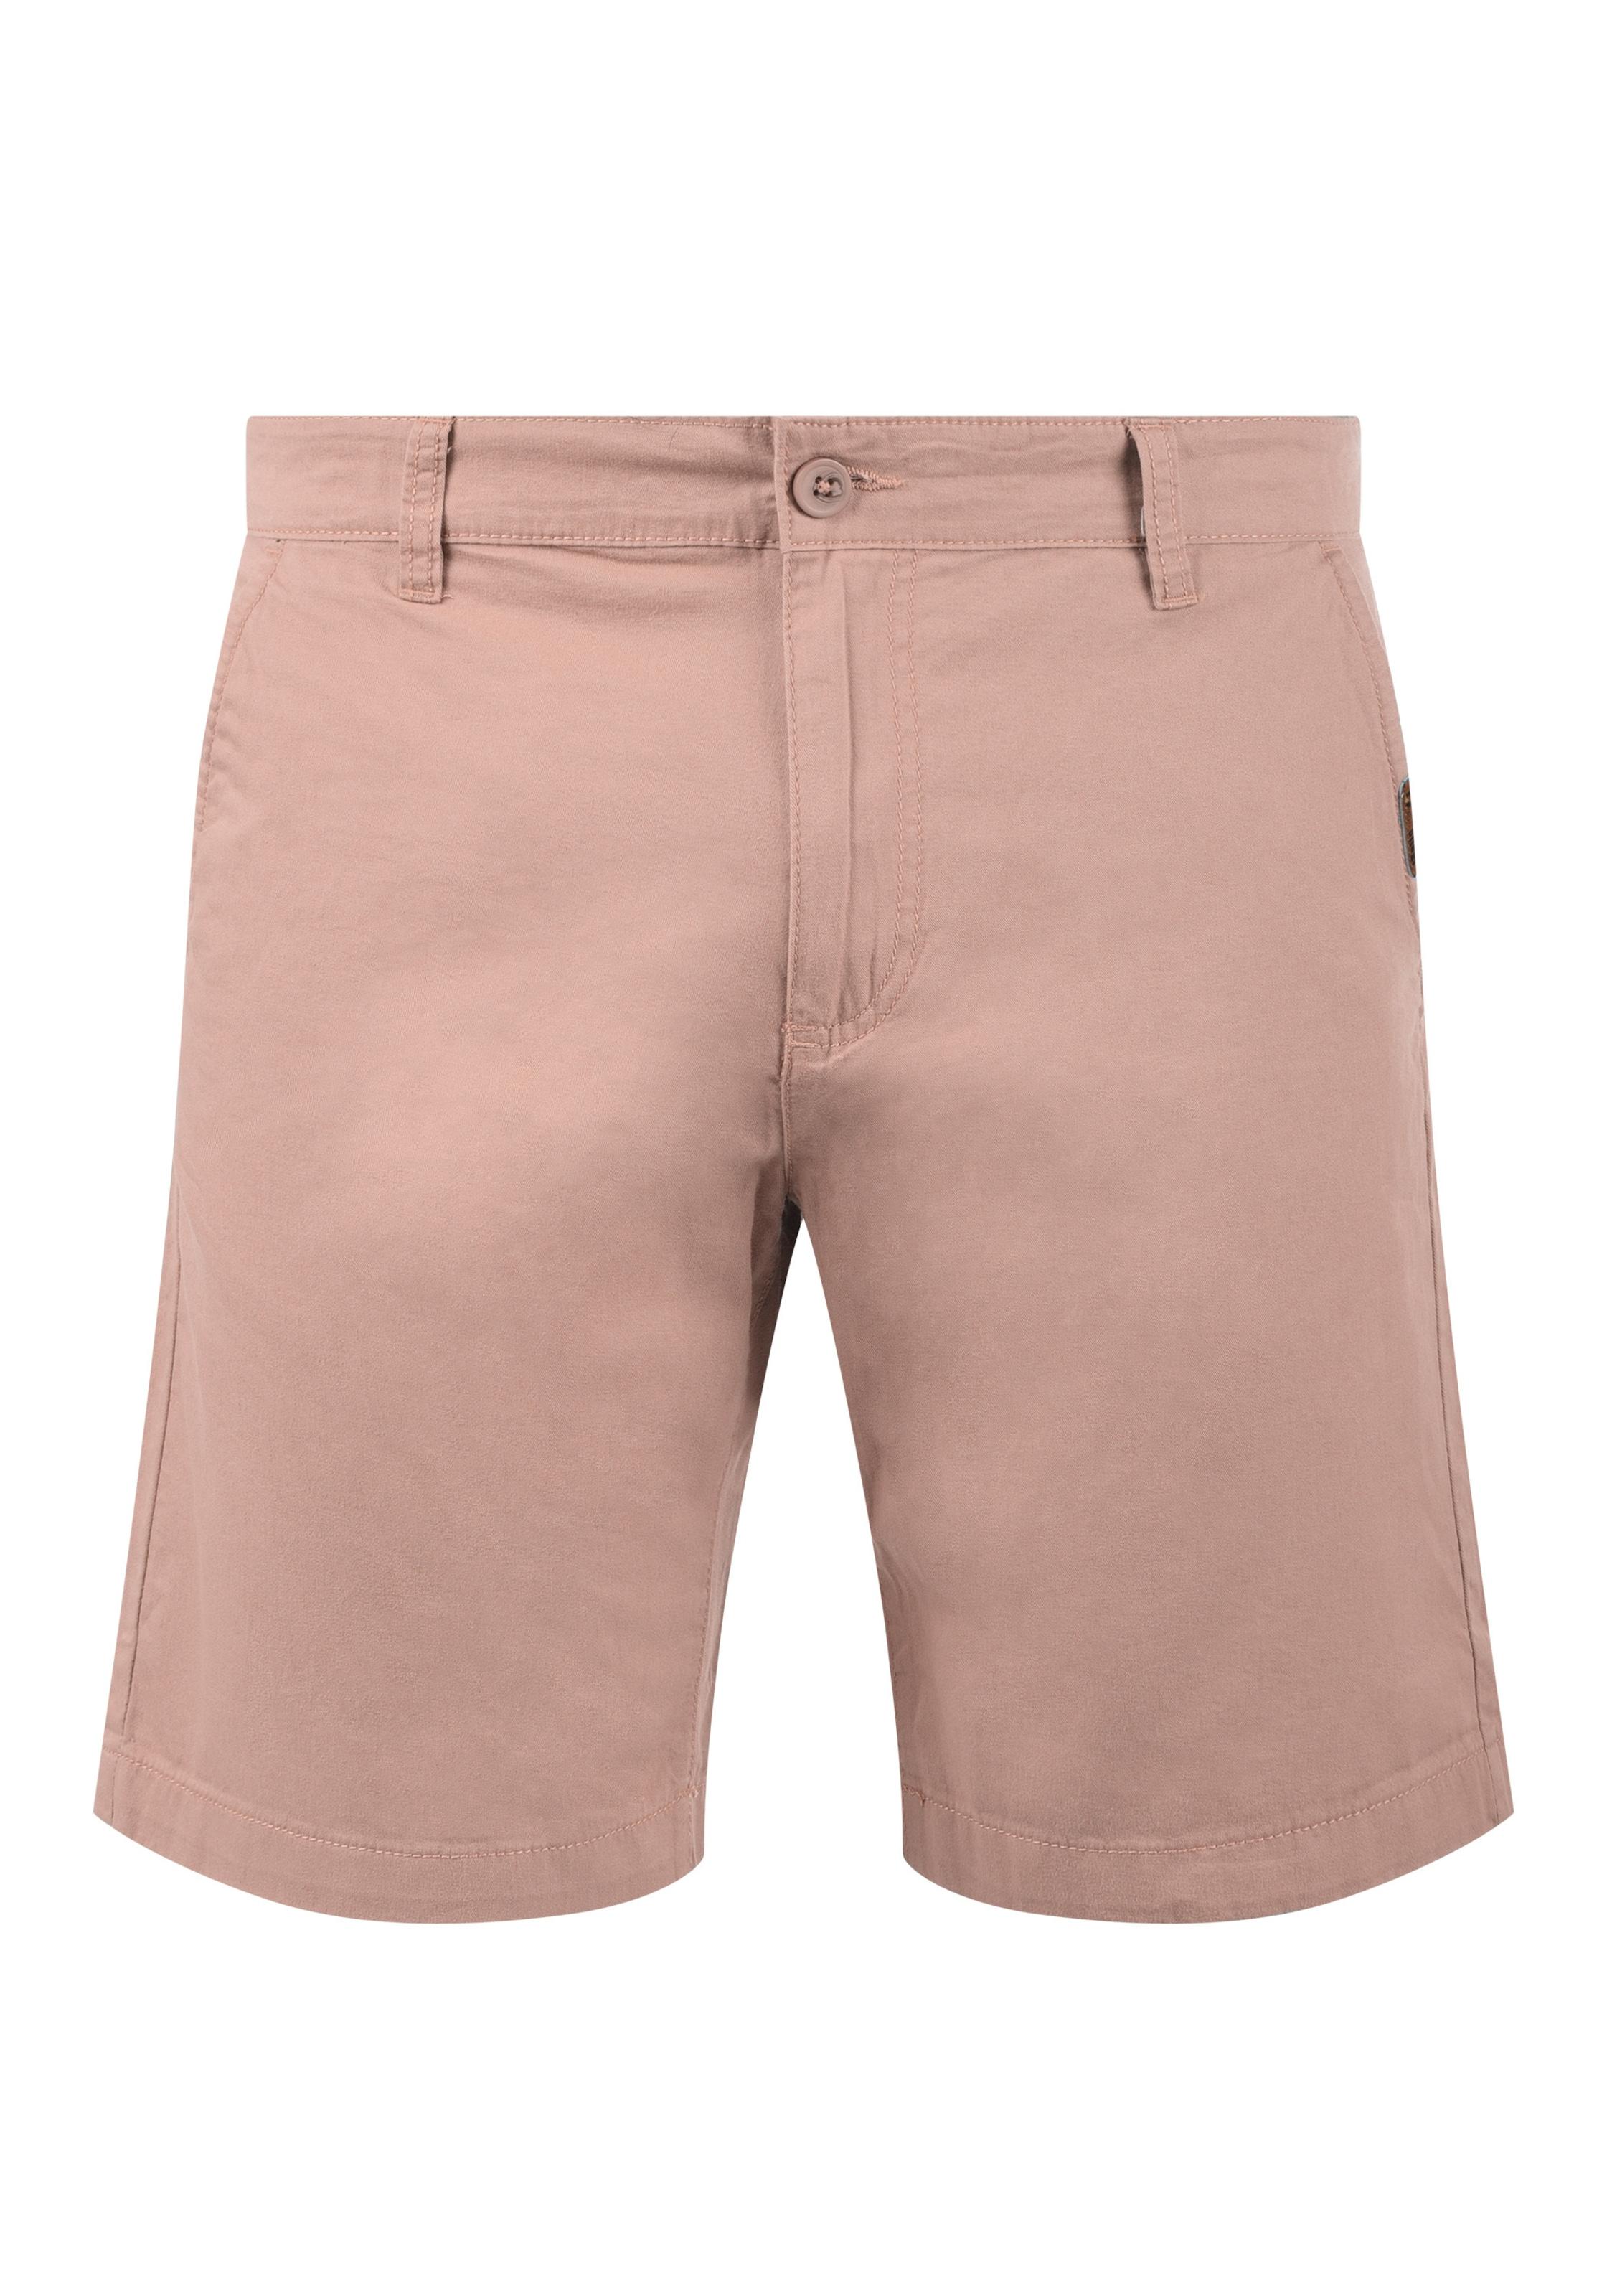 Chinoshorts solid In 'thement' Chinoshorts 'thement' In Pink Pink solid 'thement' Chinoshorts solid H29YWDEI